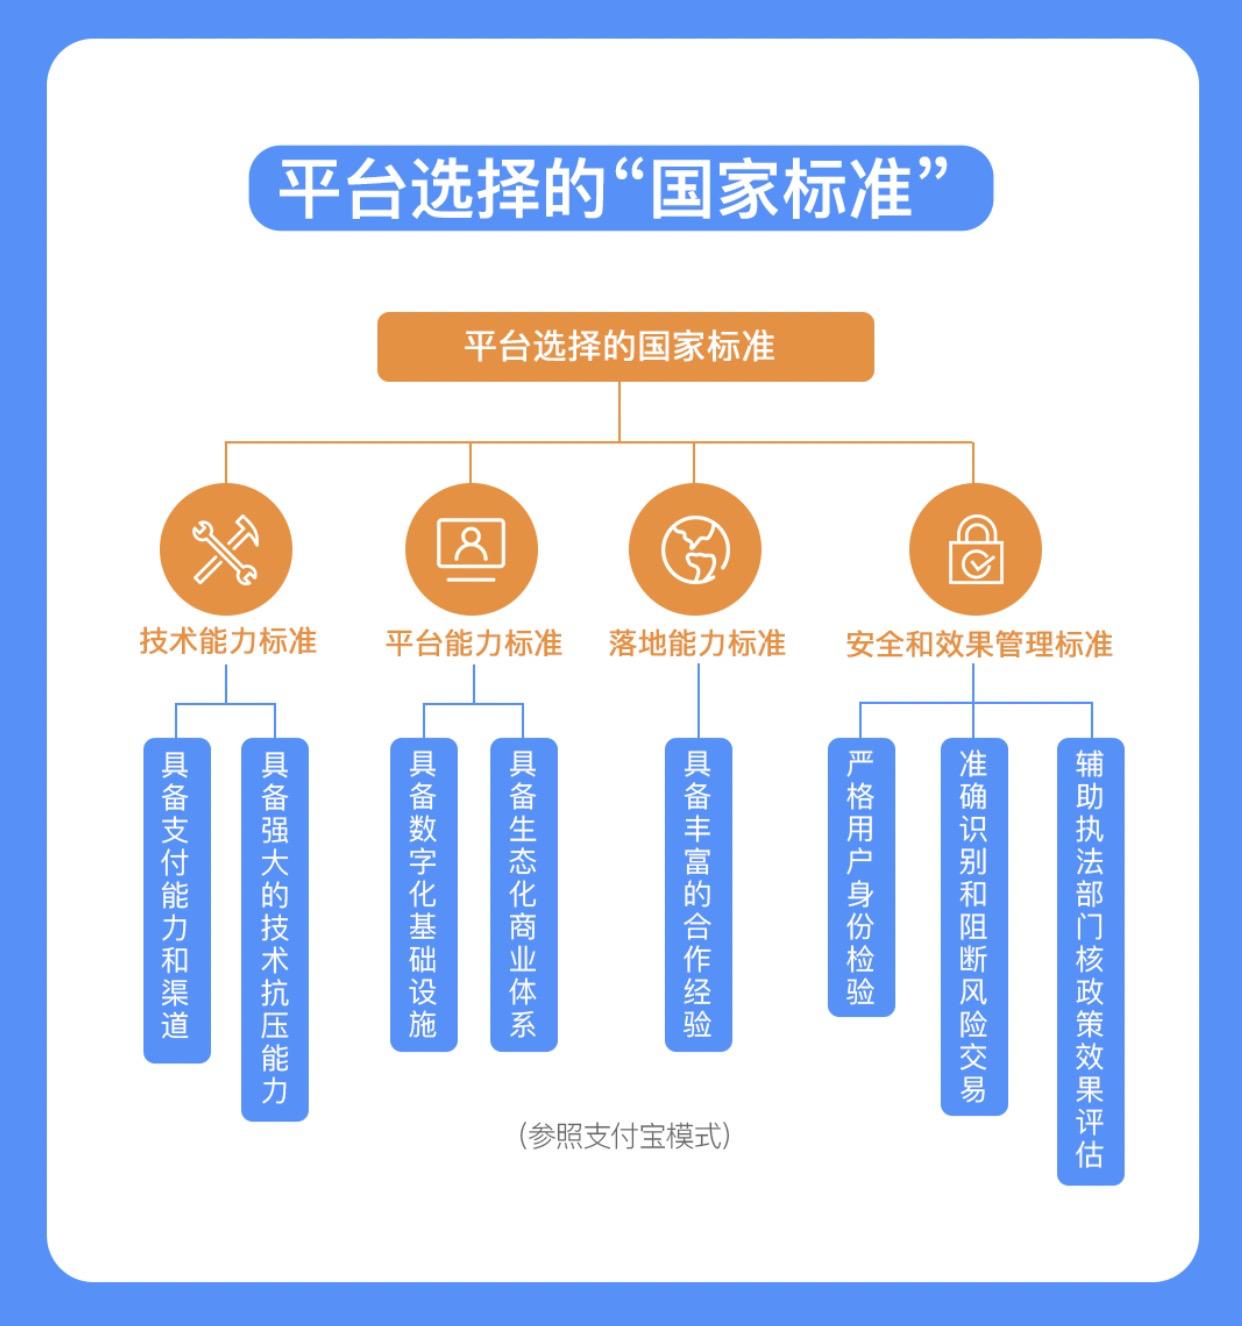 中国社科院:数字消费券可作为常态化政策工具 应确立国家标准